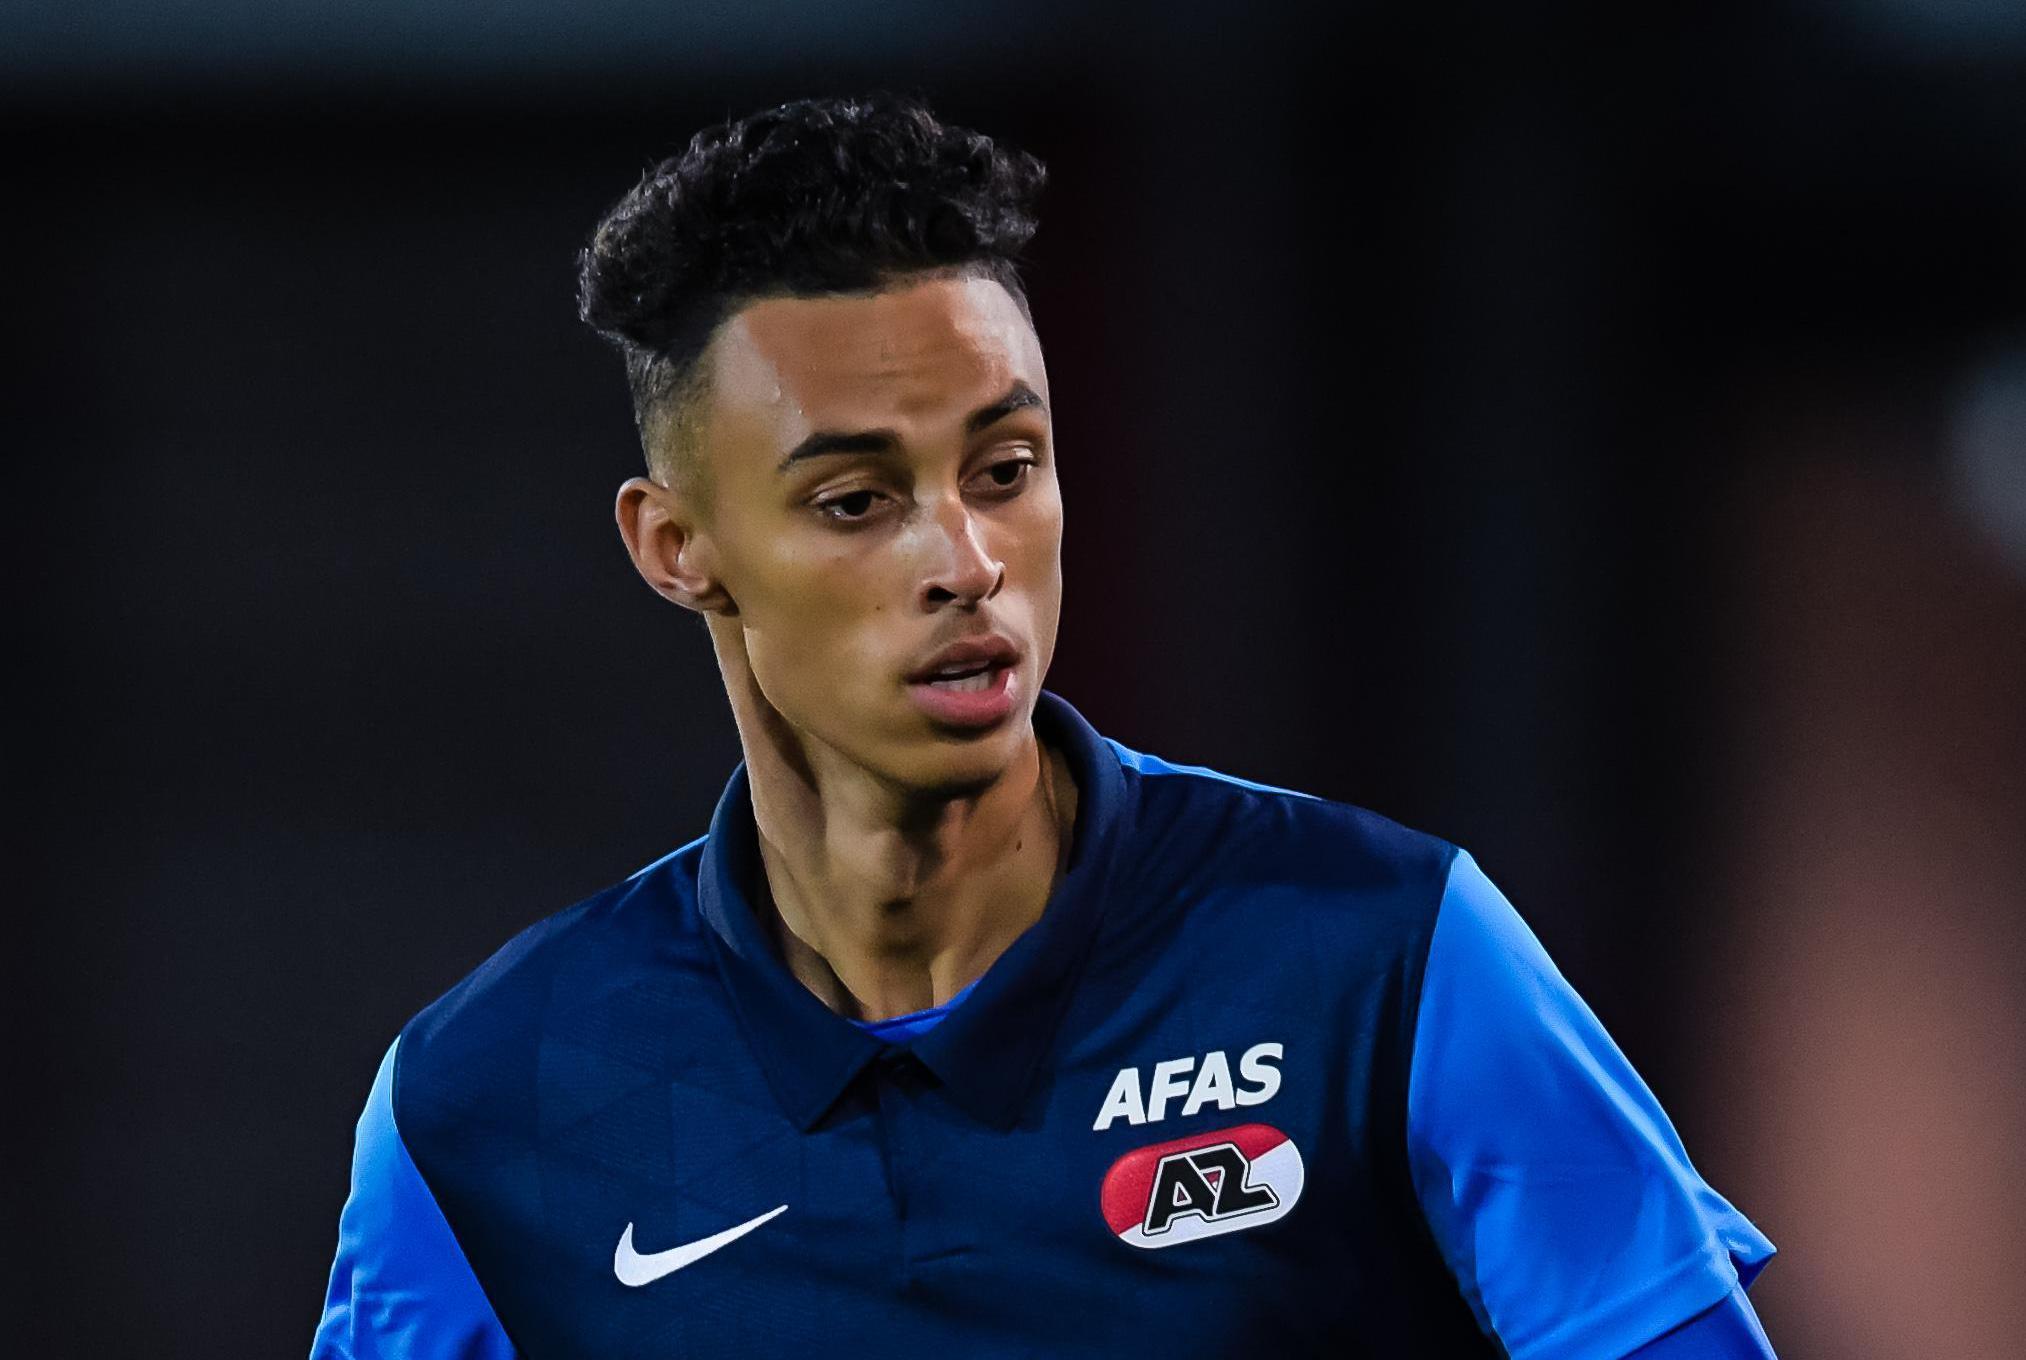 Millen Baars laat zijn droom bij Manchester United schieten om via Jong AZ zoveel mogelijk ervaring op te doen in 'grote-mannen-voetbal'